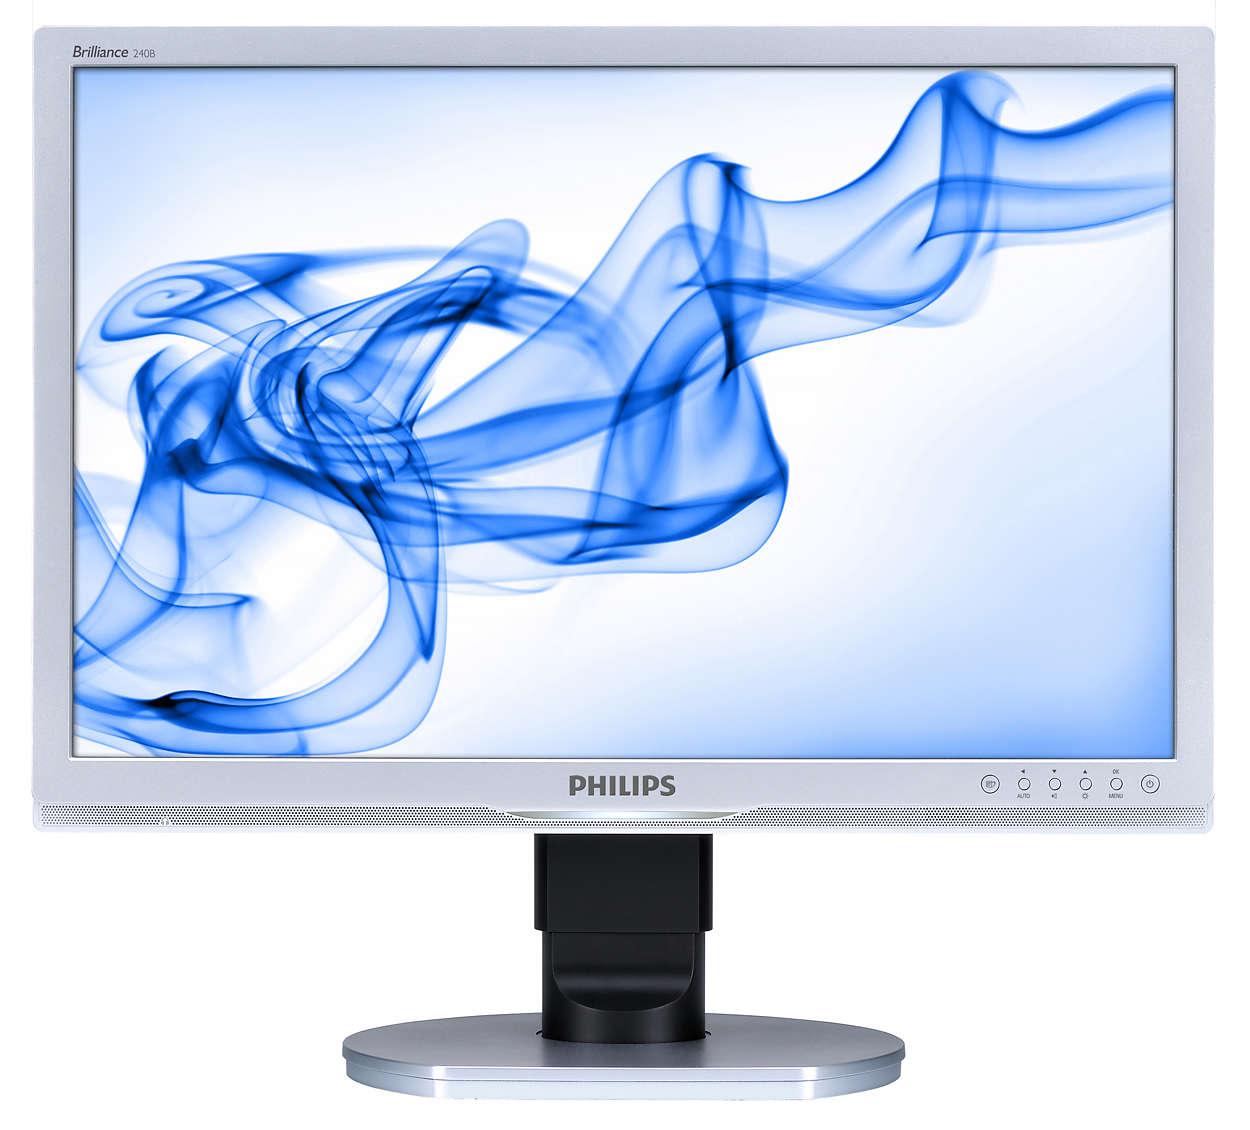 大幅人體工學企業級顯示器提昇生產力